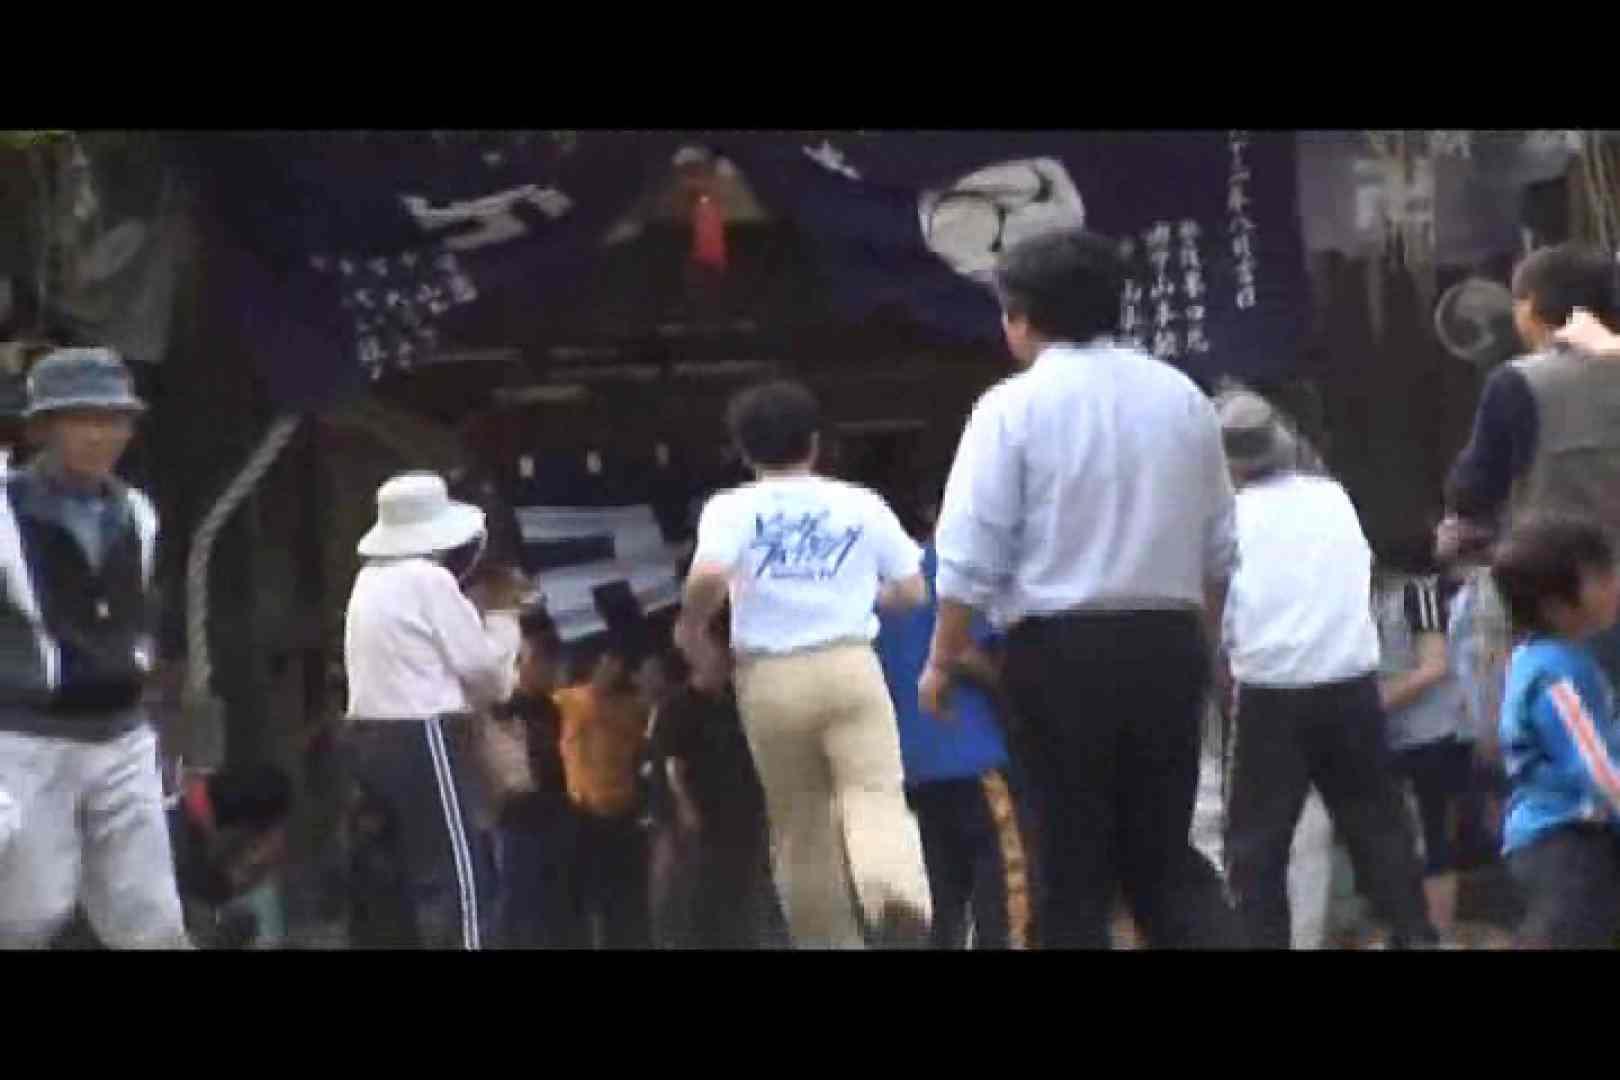 ゲイ 肉棒 動画|真鍋島の走り神輿 高画質バージョンVOL.02|ミサイルゲイボーイ